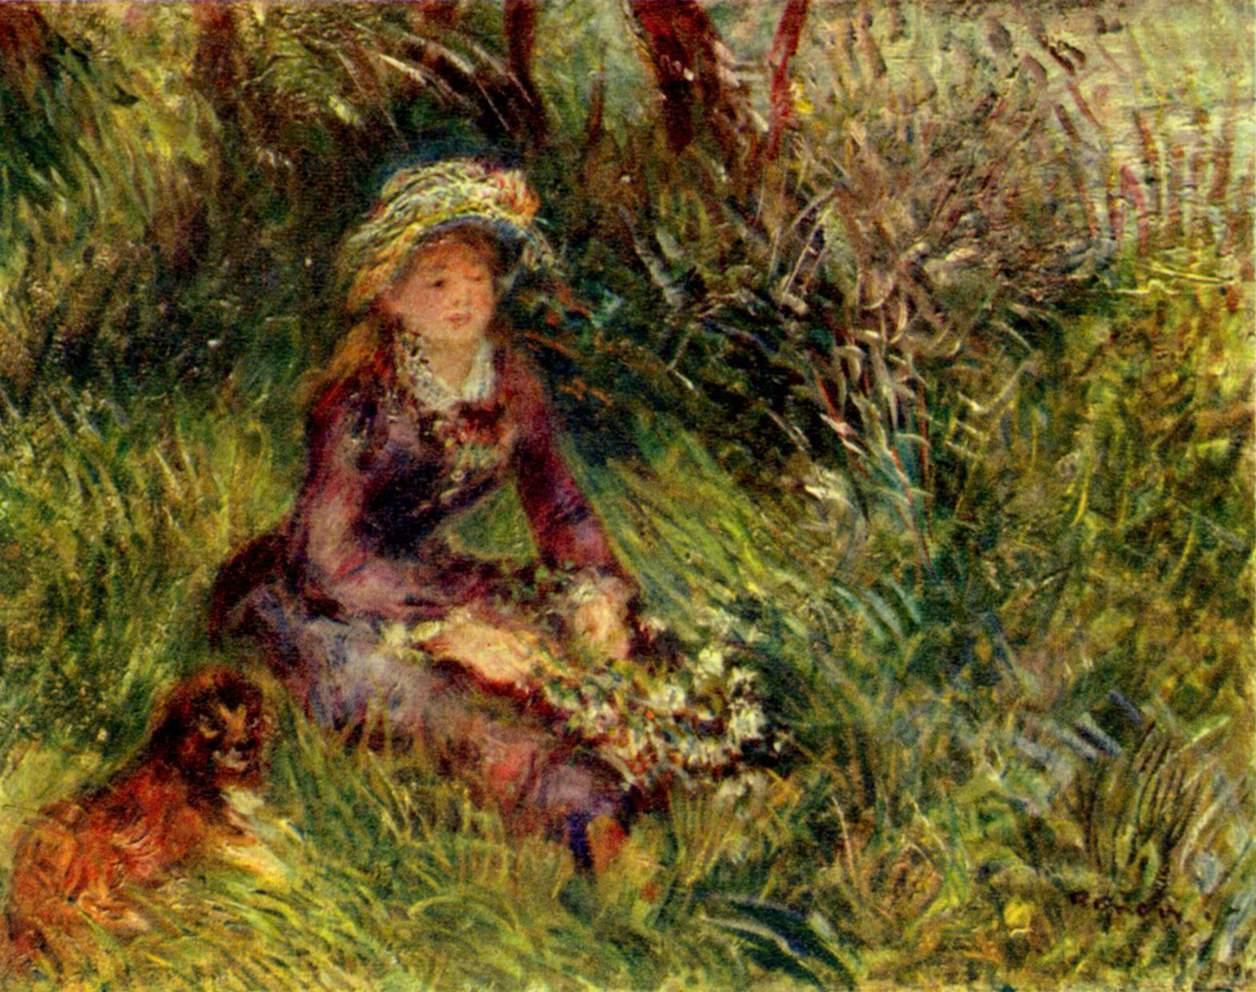 Hình nền nghệ thuật nổi tiếng 1256x992 .. Bởi Renoir.  Những bức tranh nghệ thuật nổi tiếng